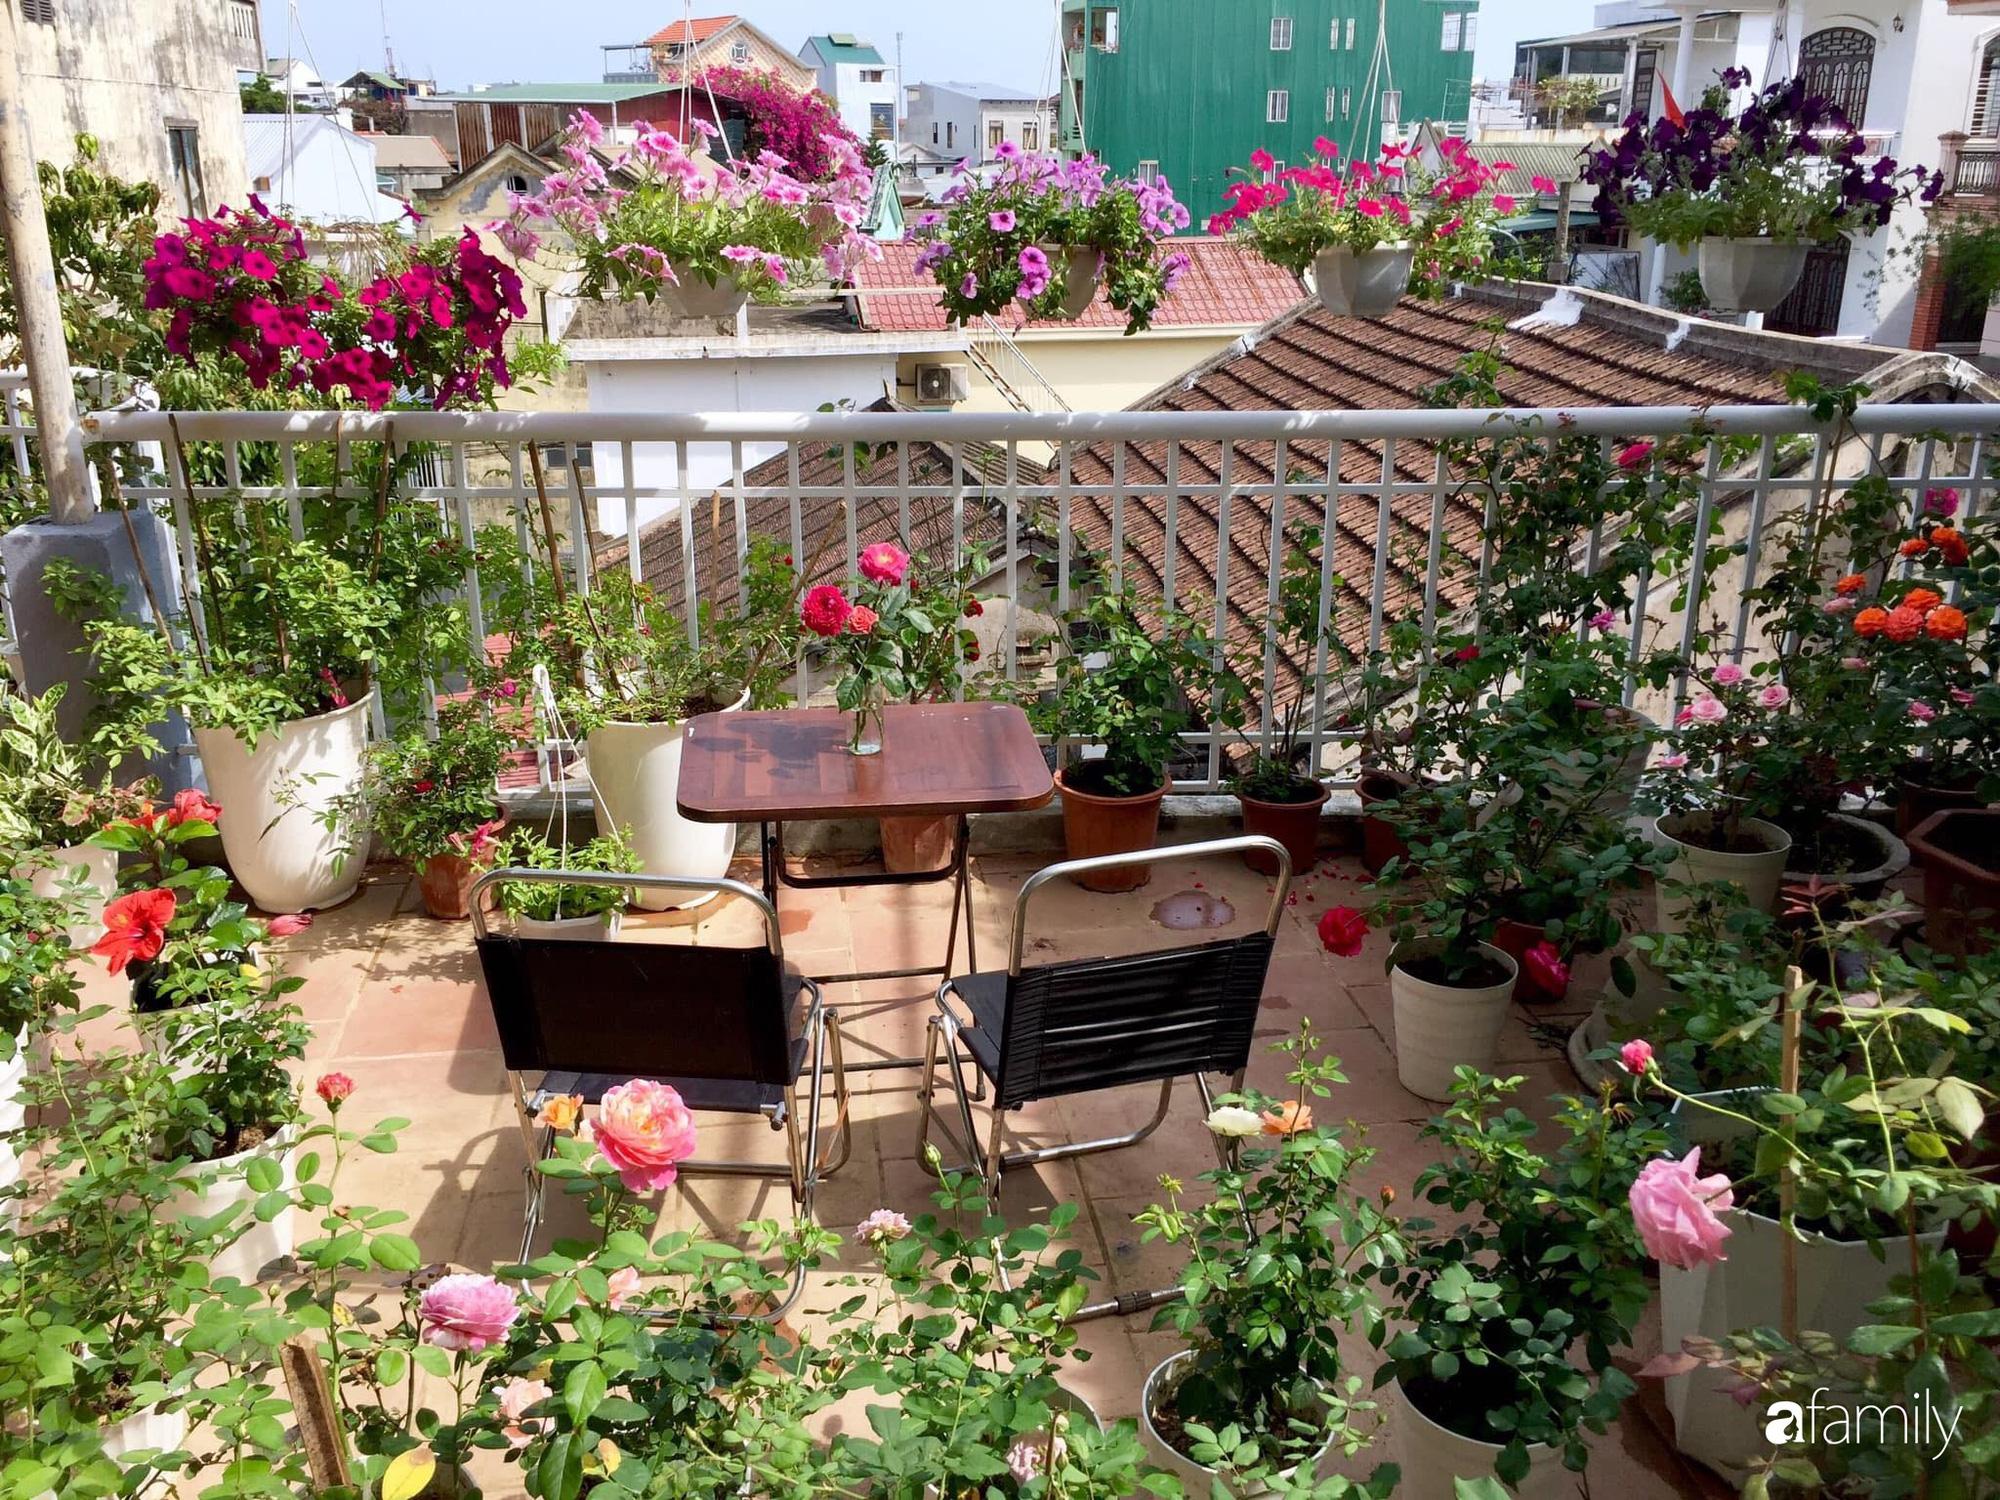 Mê hoa hồng, cô gái trẻ xứ Huế quyết tâm thức khuya dậy sớm tạo cả vườn hồng rực rỡ trên sân thượng - Ảnh 1.